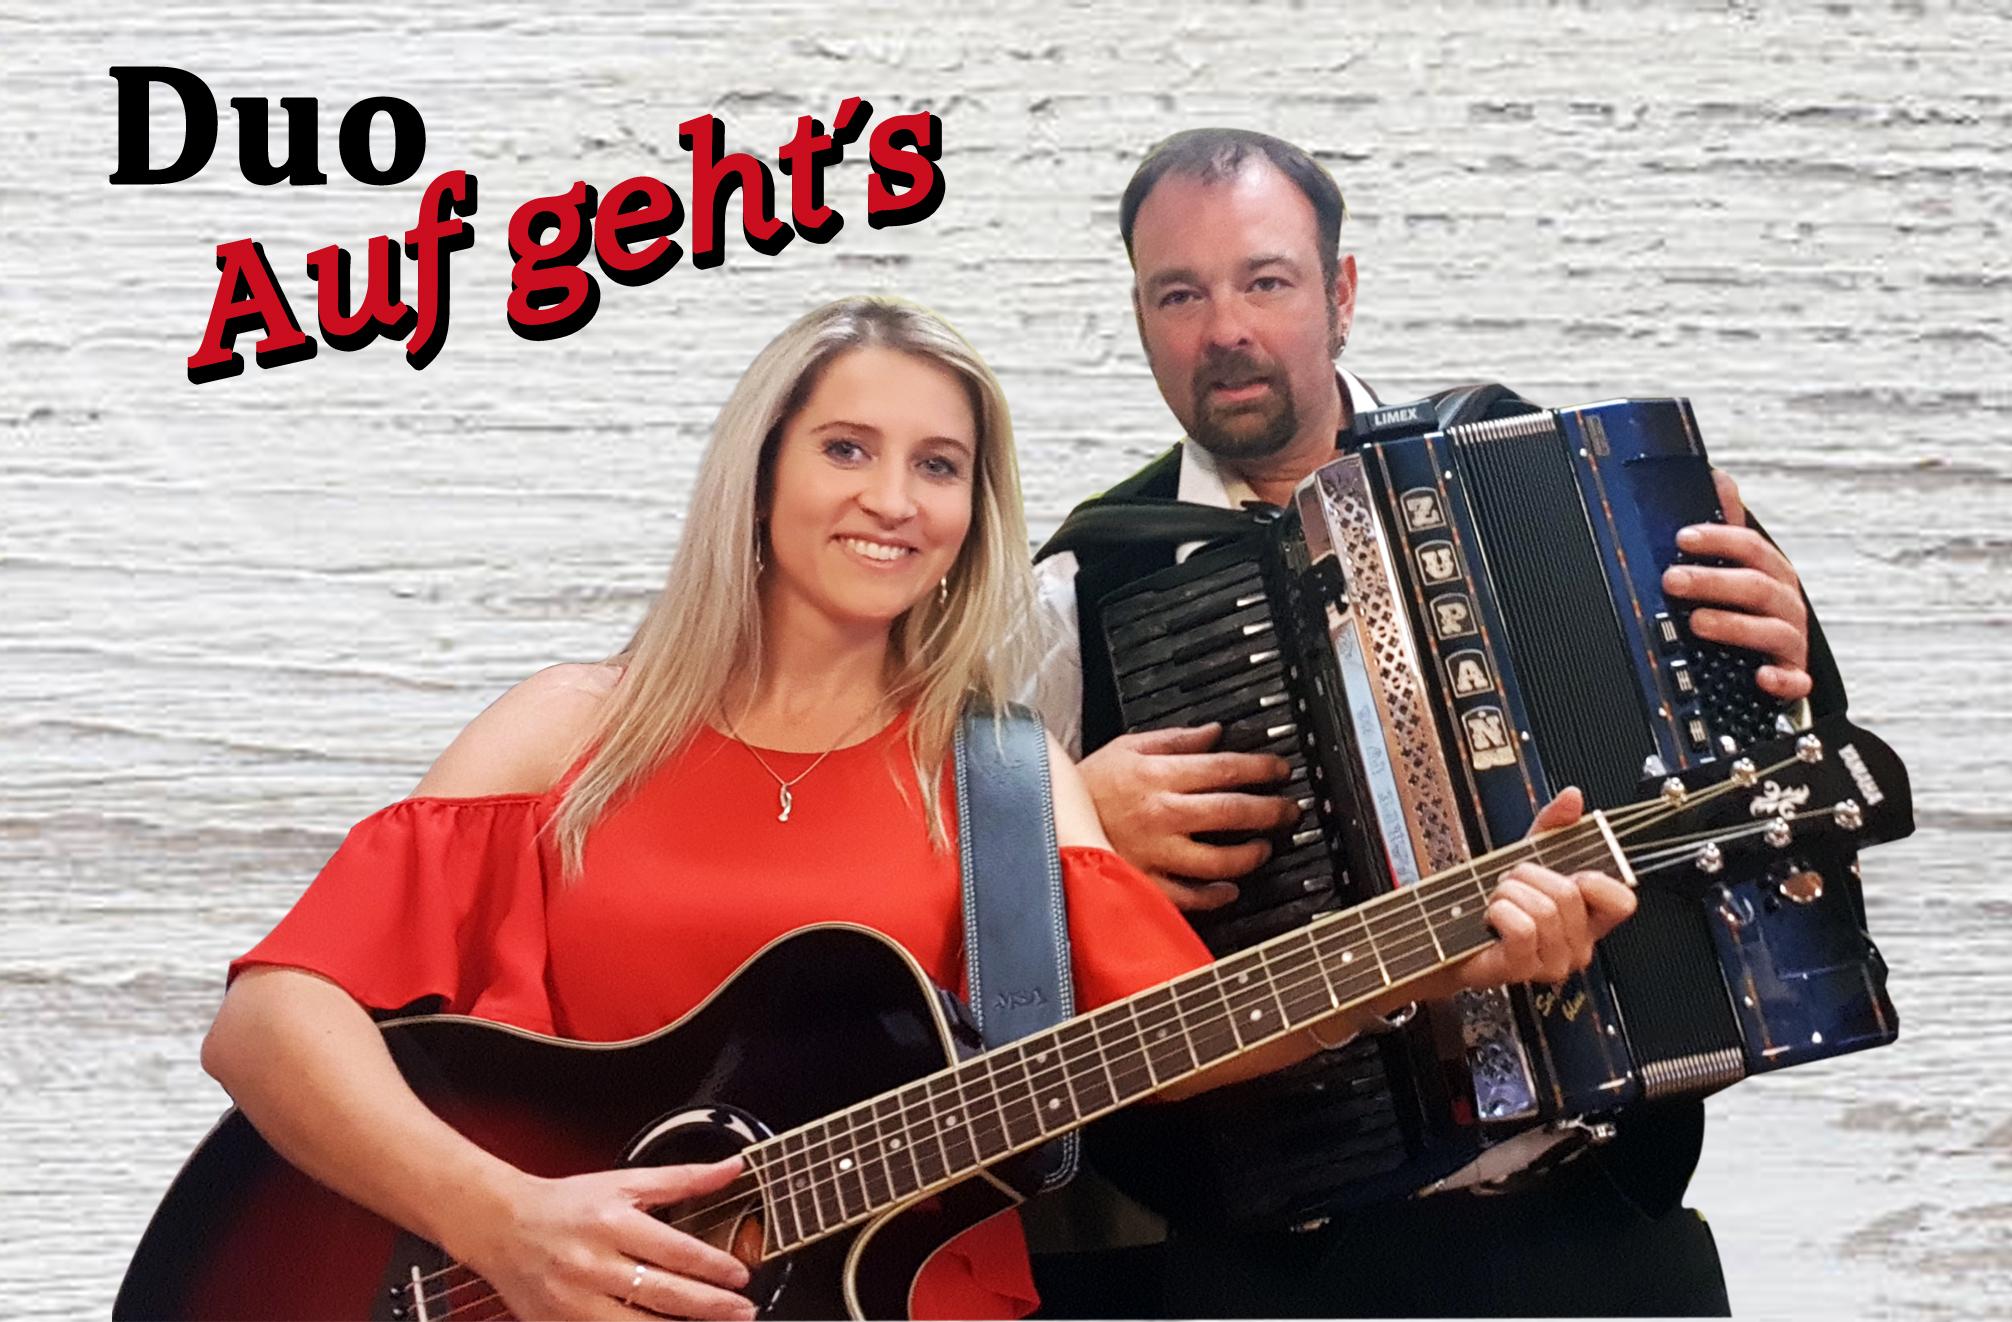 Sexyfive Die Geilste Hochzeitsband Aus Bayern Fur Hochzeit Mit